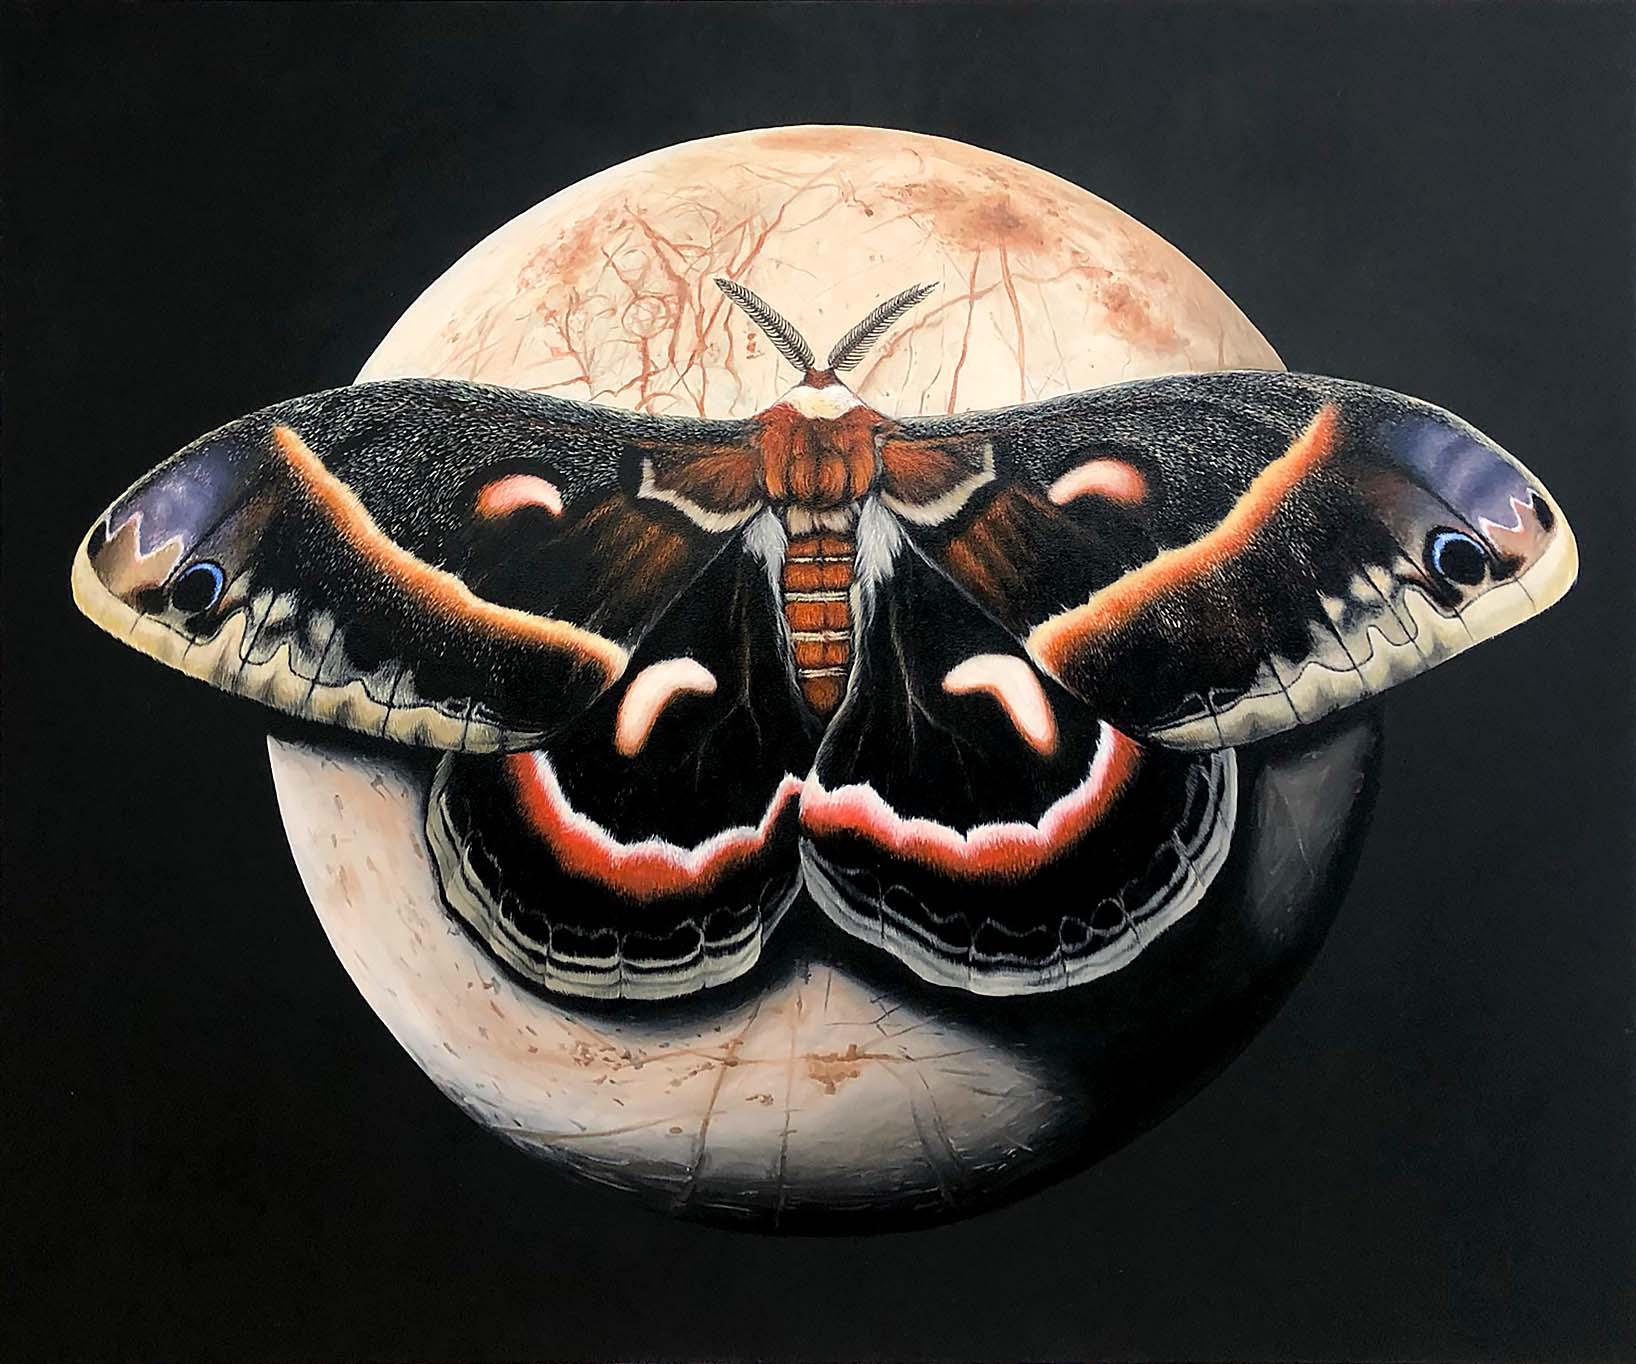 Riesen Silkworm Motte und Jupiter-Mond Europa / Öl auf Leinwand 100x120cm © Rita Stern Miltenberg